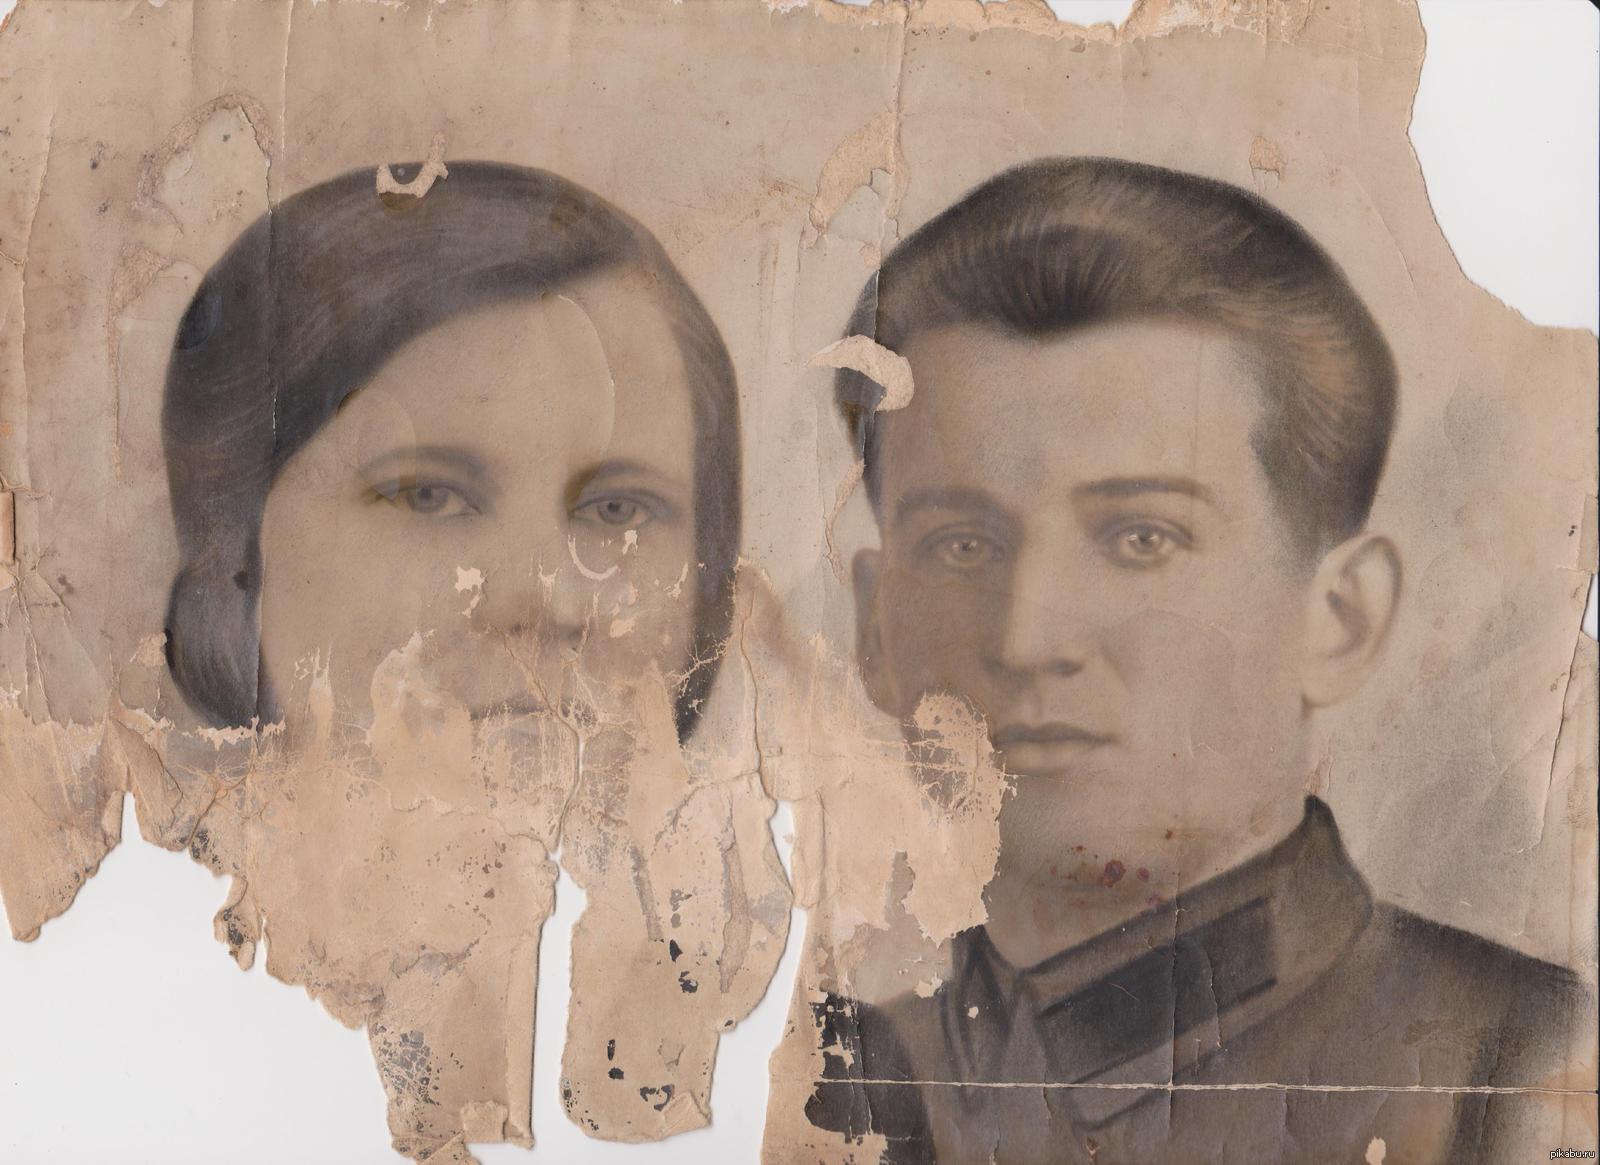 загона деревянный, реставрация фотографий в брянске версии